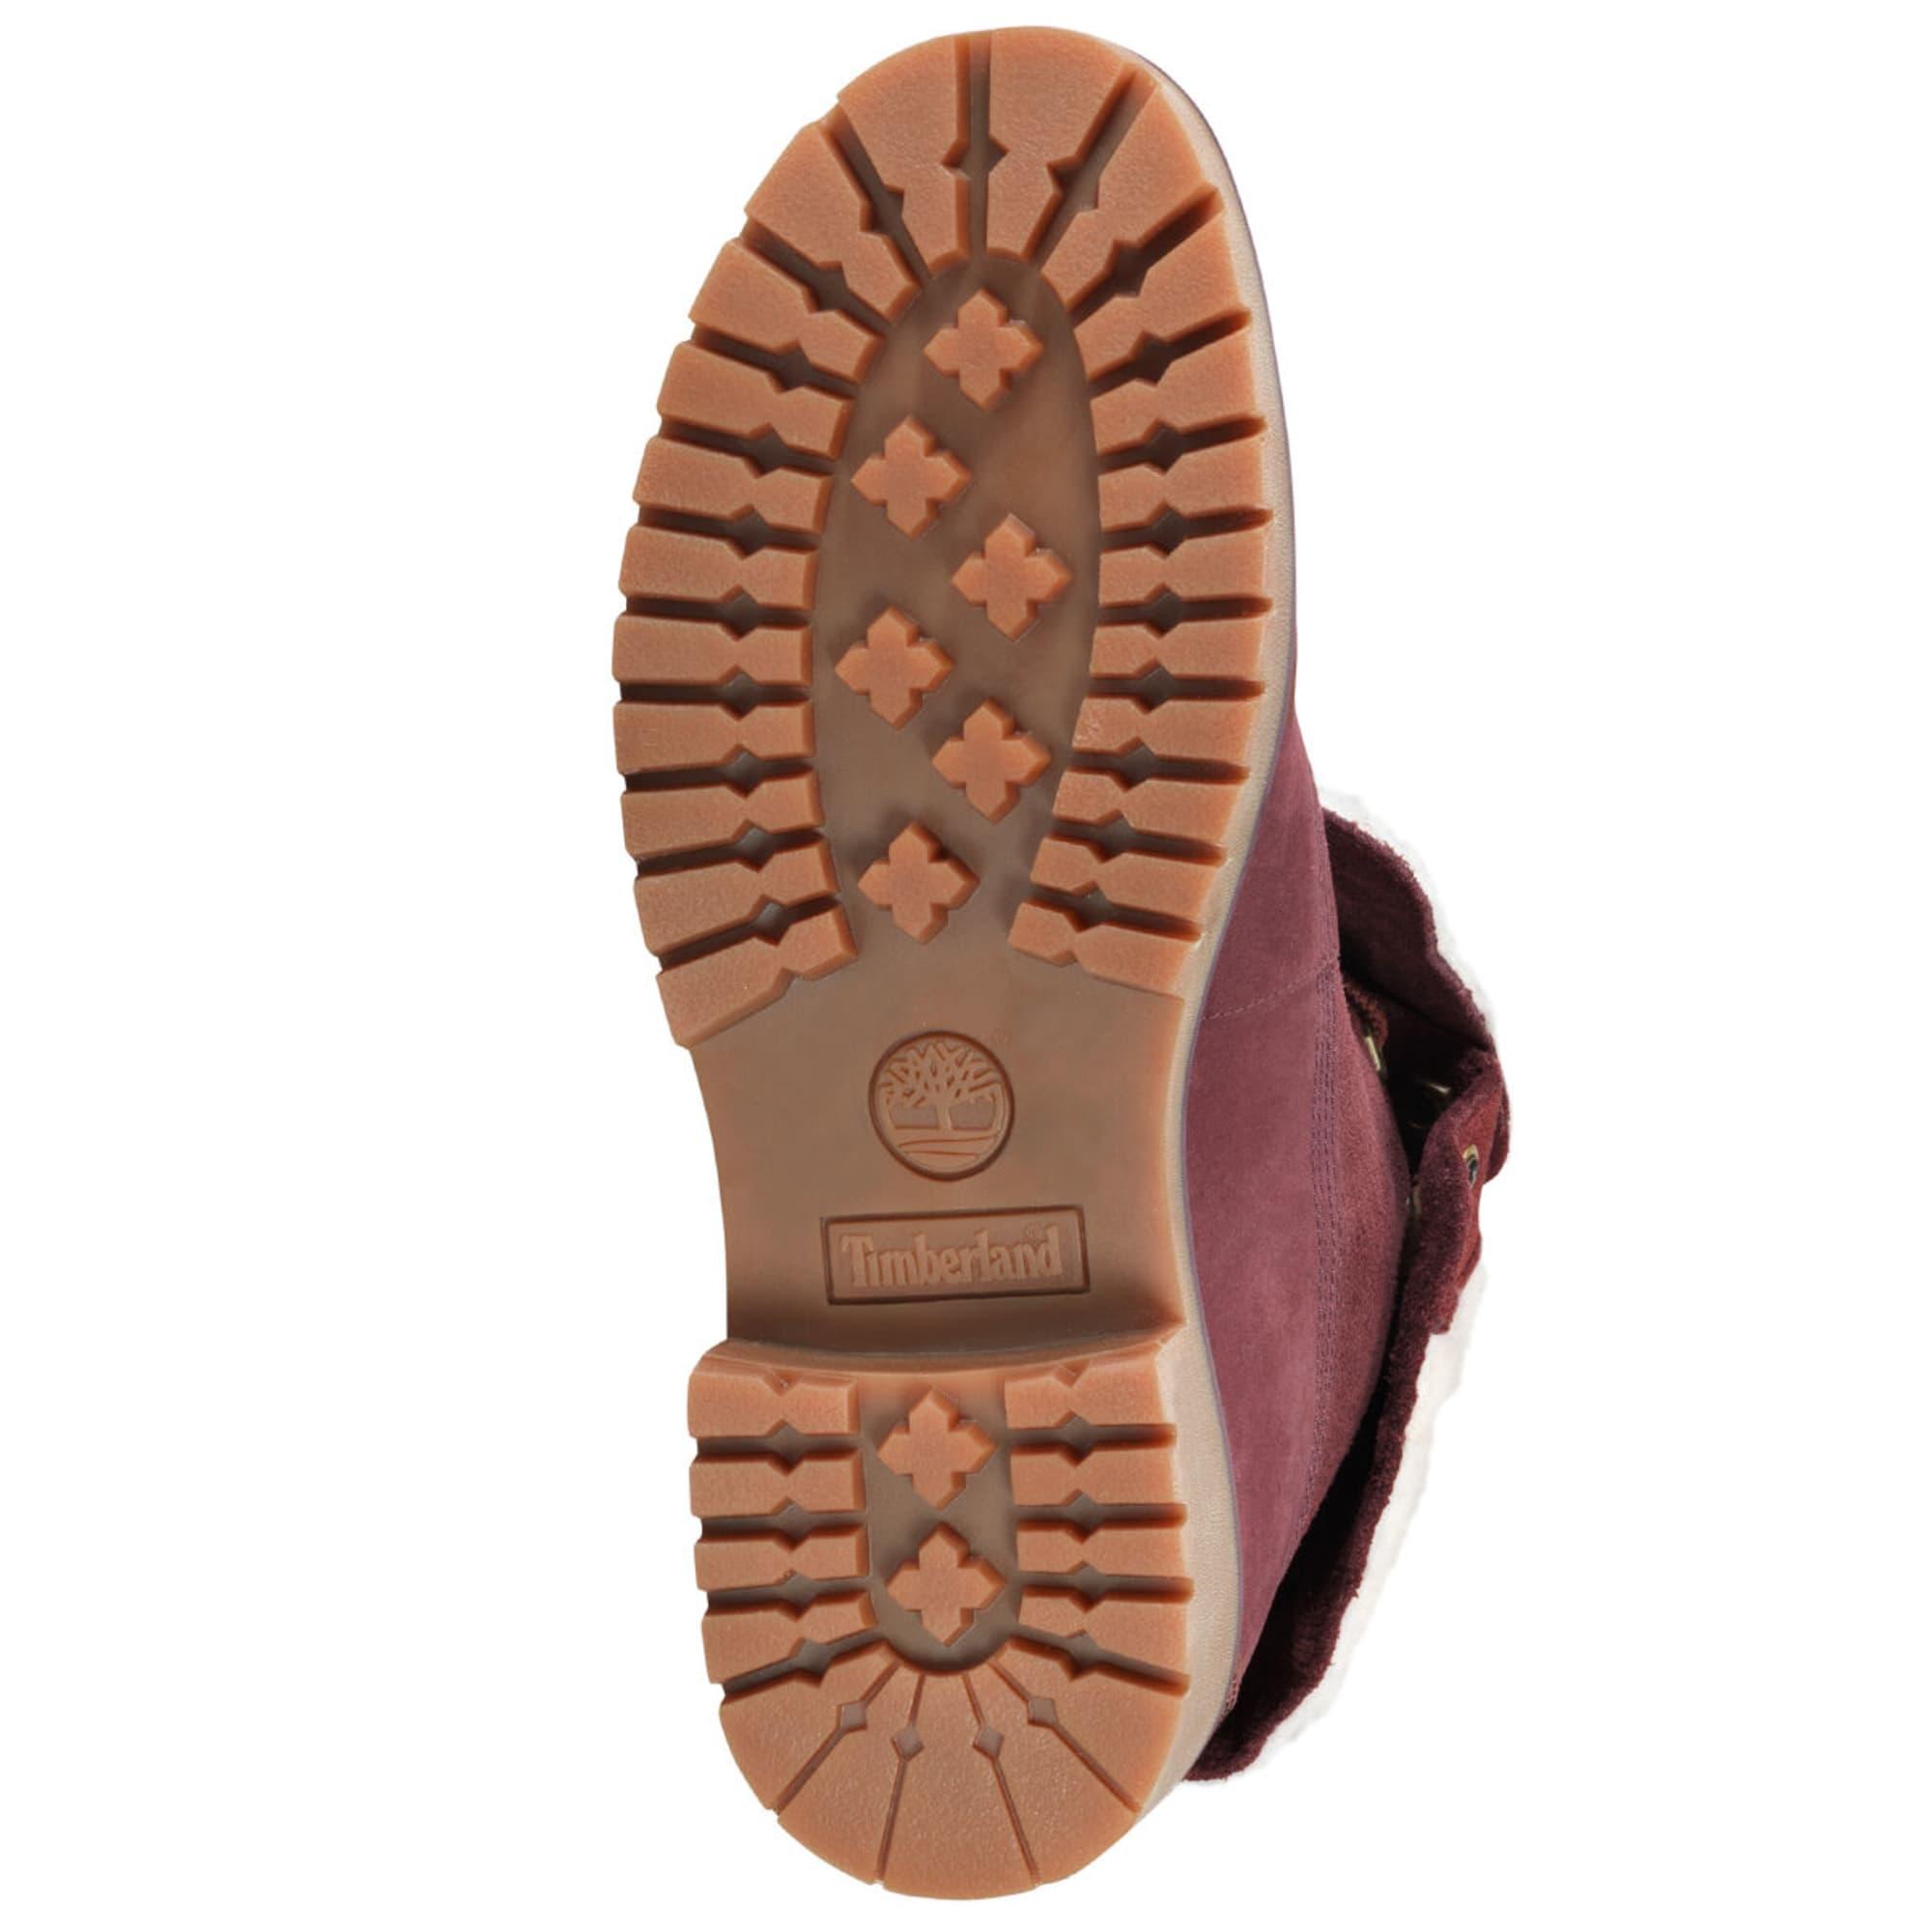 Timberland Women S Jayne Waterproof Fleece Fold Down Boots Eastern Mountain Sports